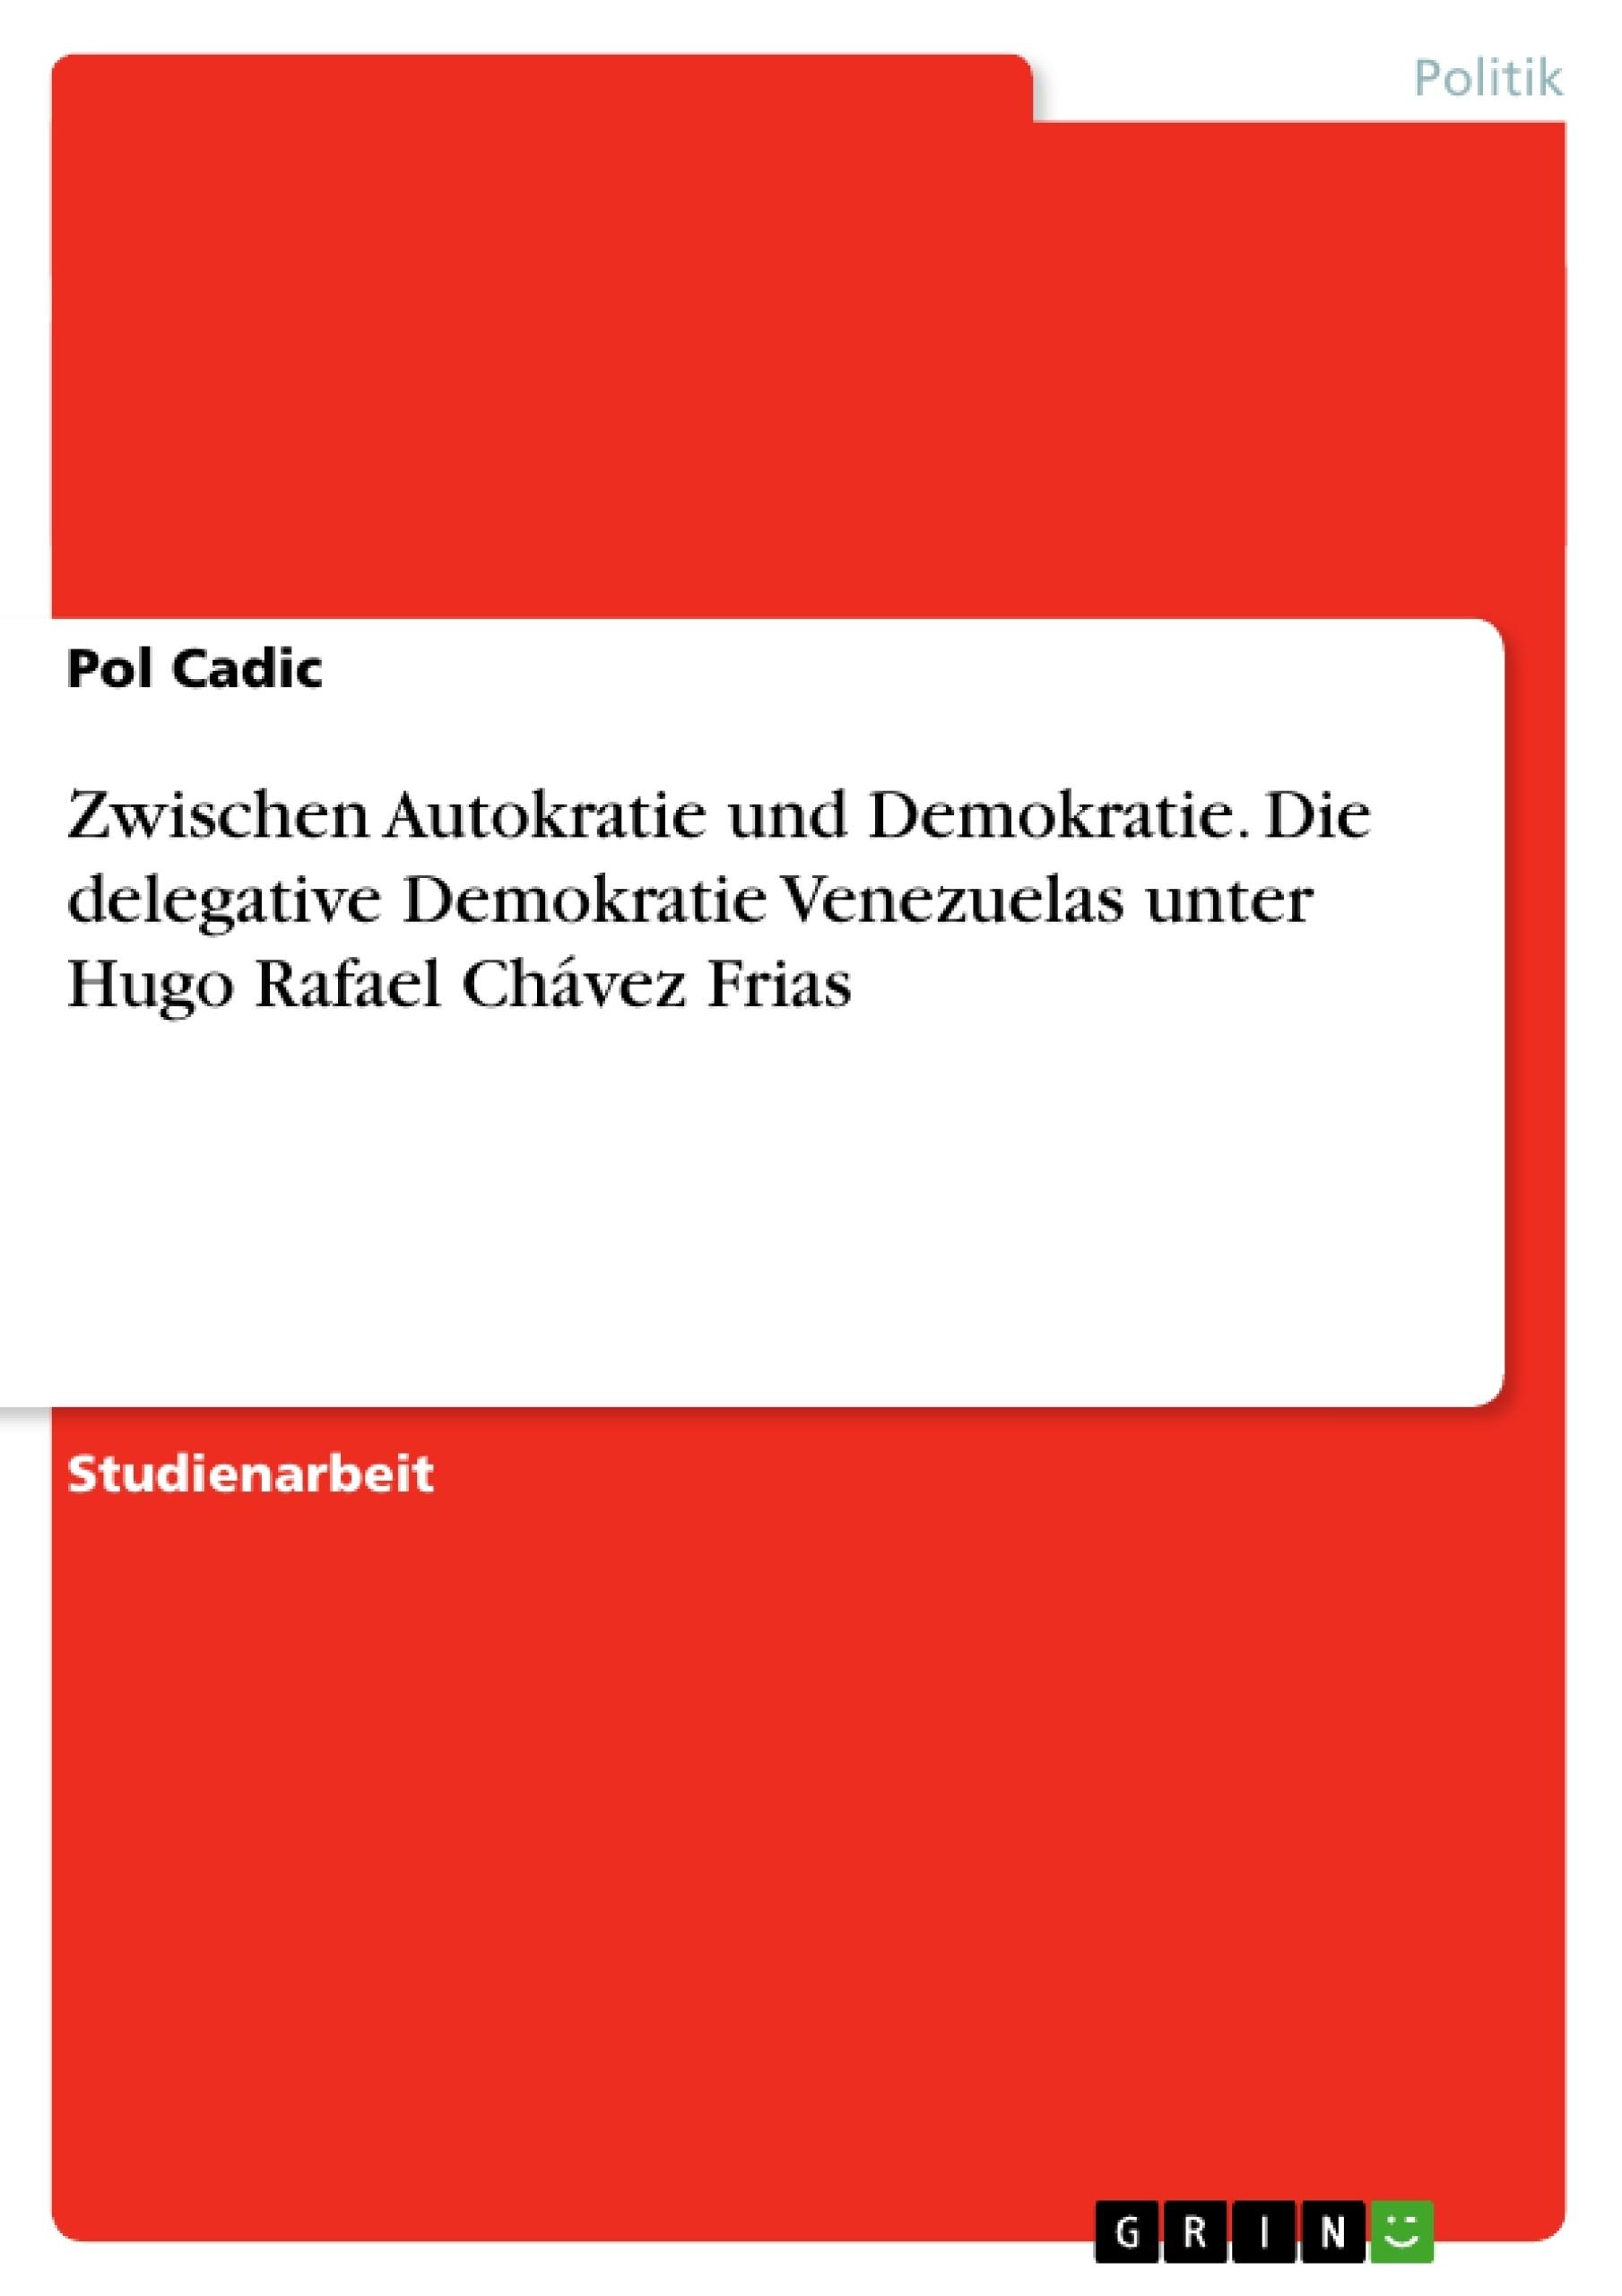 Titel: Zwischen Autokratie und Demokratie. Die delegative Demokratie Venezuelas unter Hugo Rafael Chávez Frias